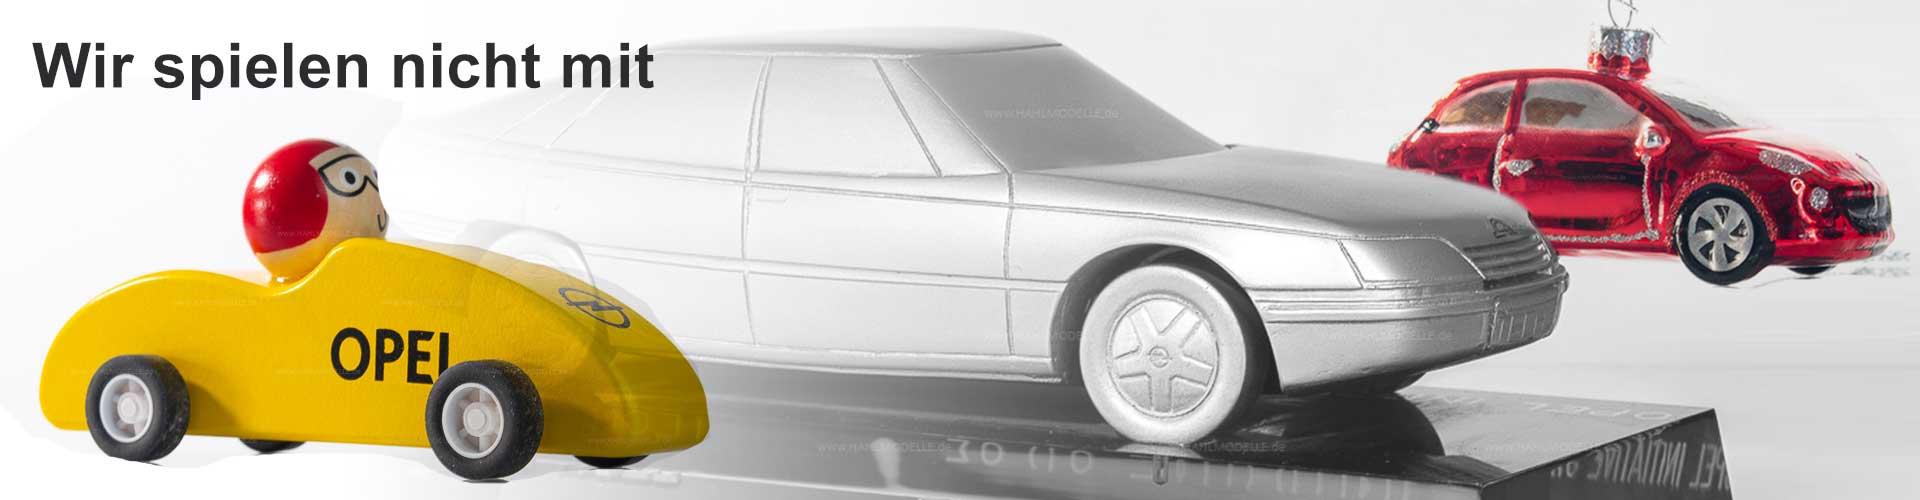 Opel-Modelle - nicht in 1:43